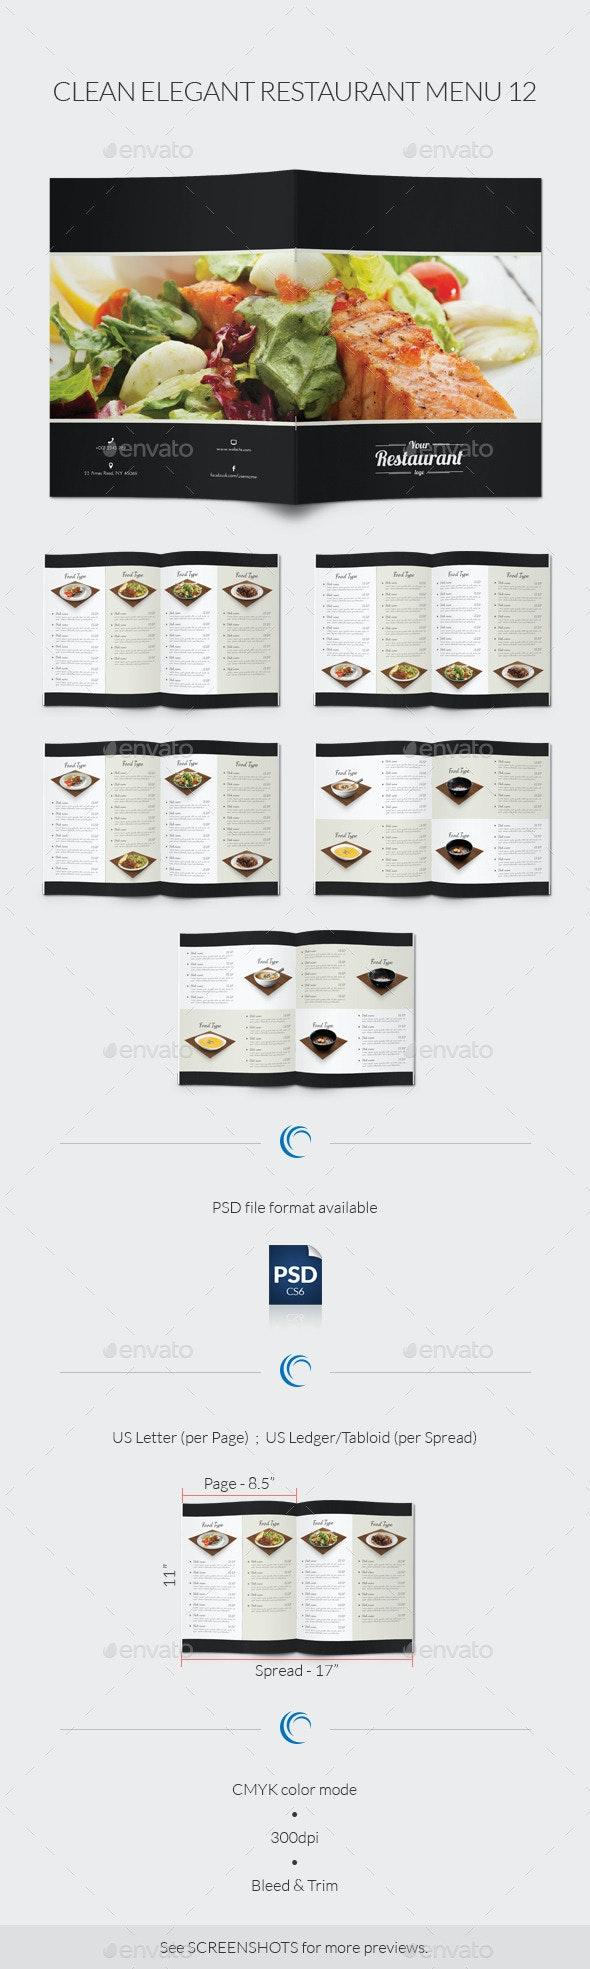 Clean Elegant Restaurant Menu 12 - Food Menus Print Templates